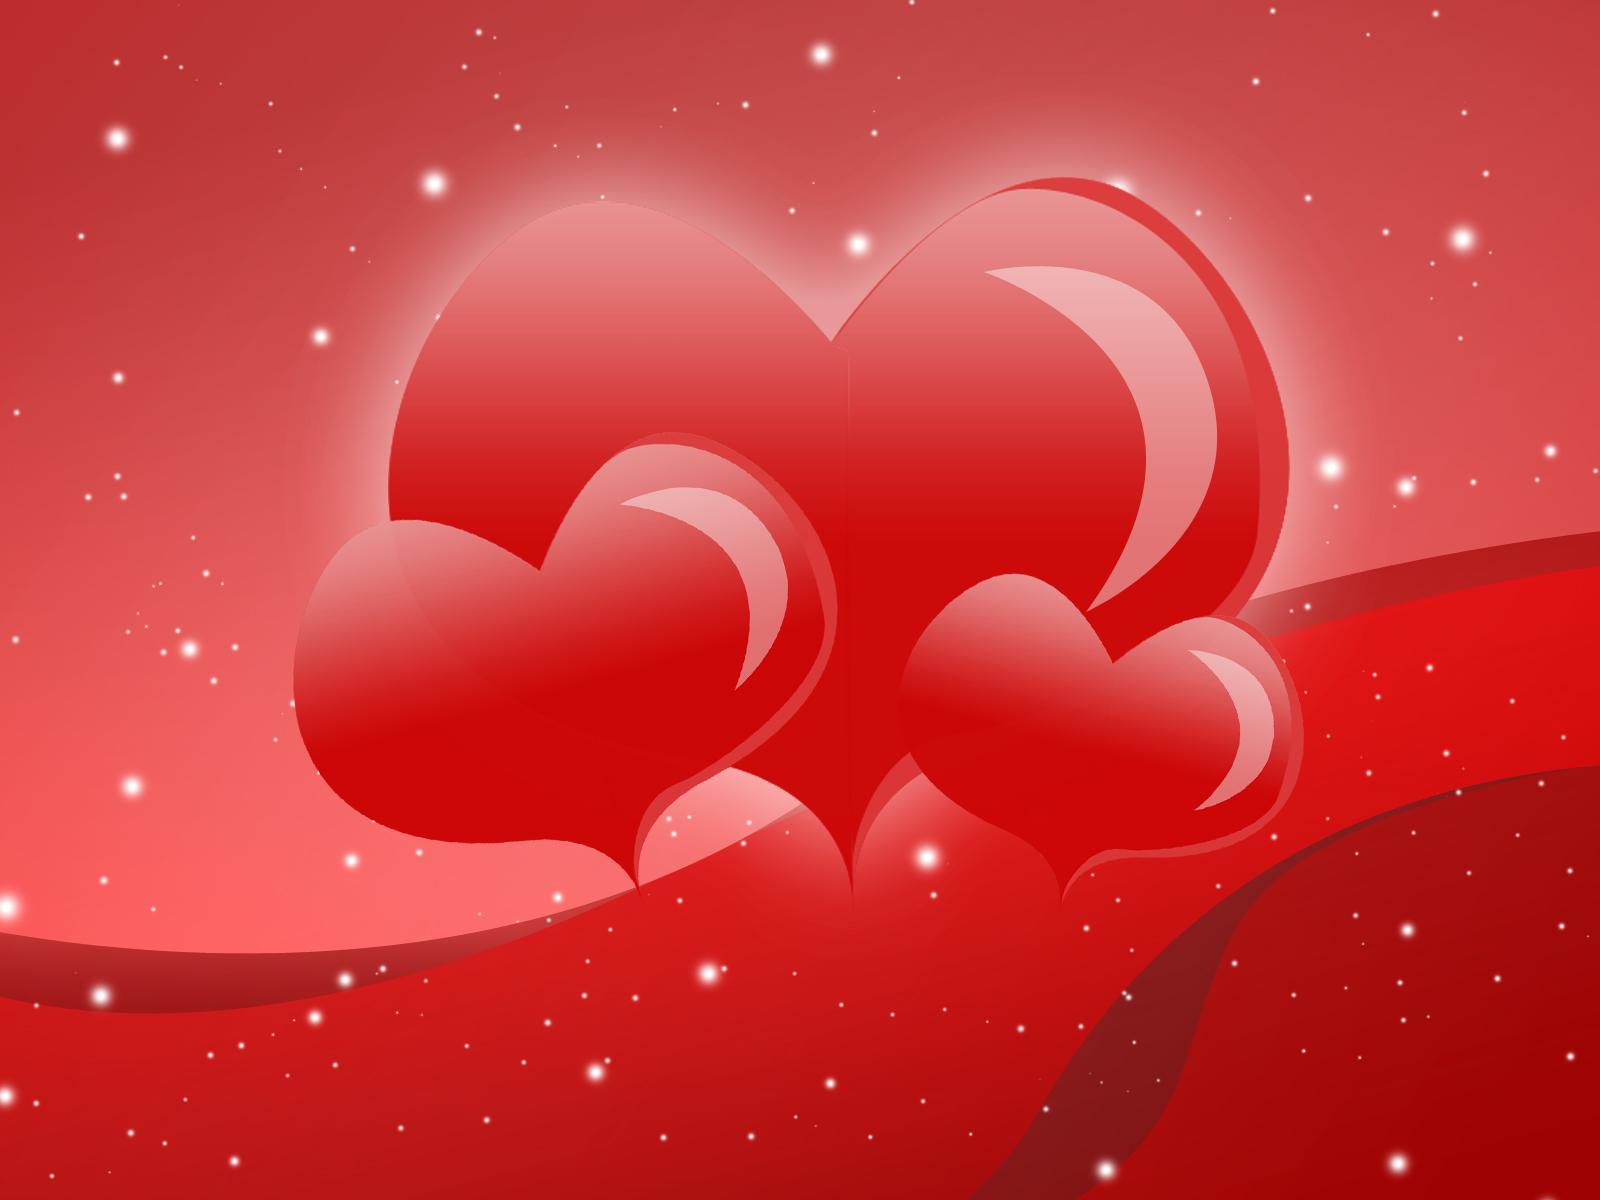 сердца, скачать обои, hearts, wallpaper, Love, Любовь